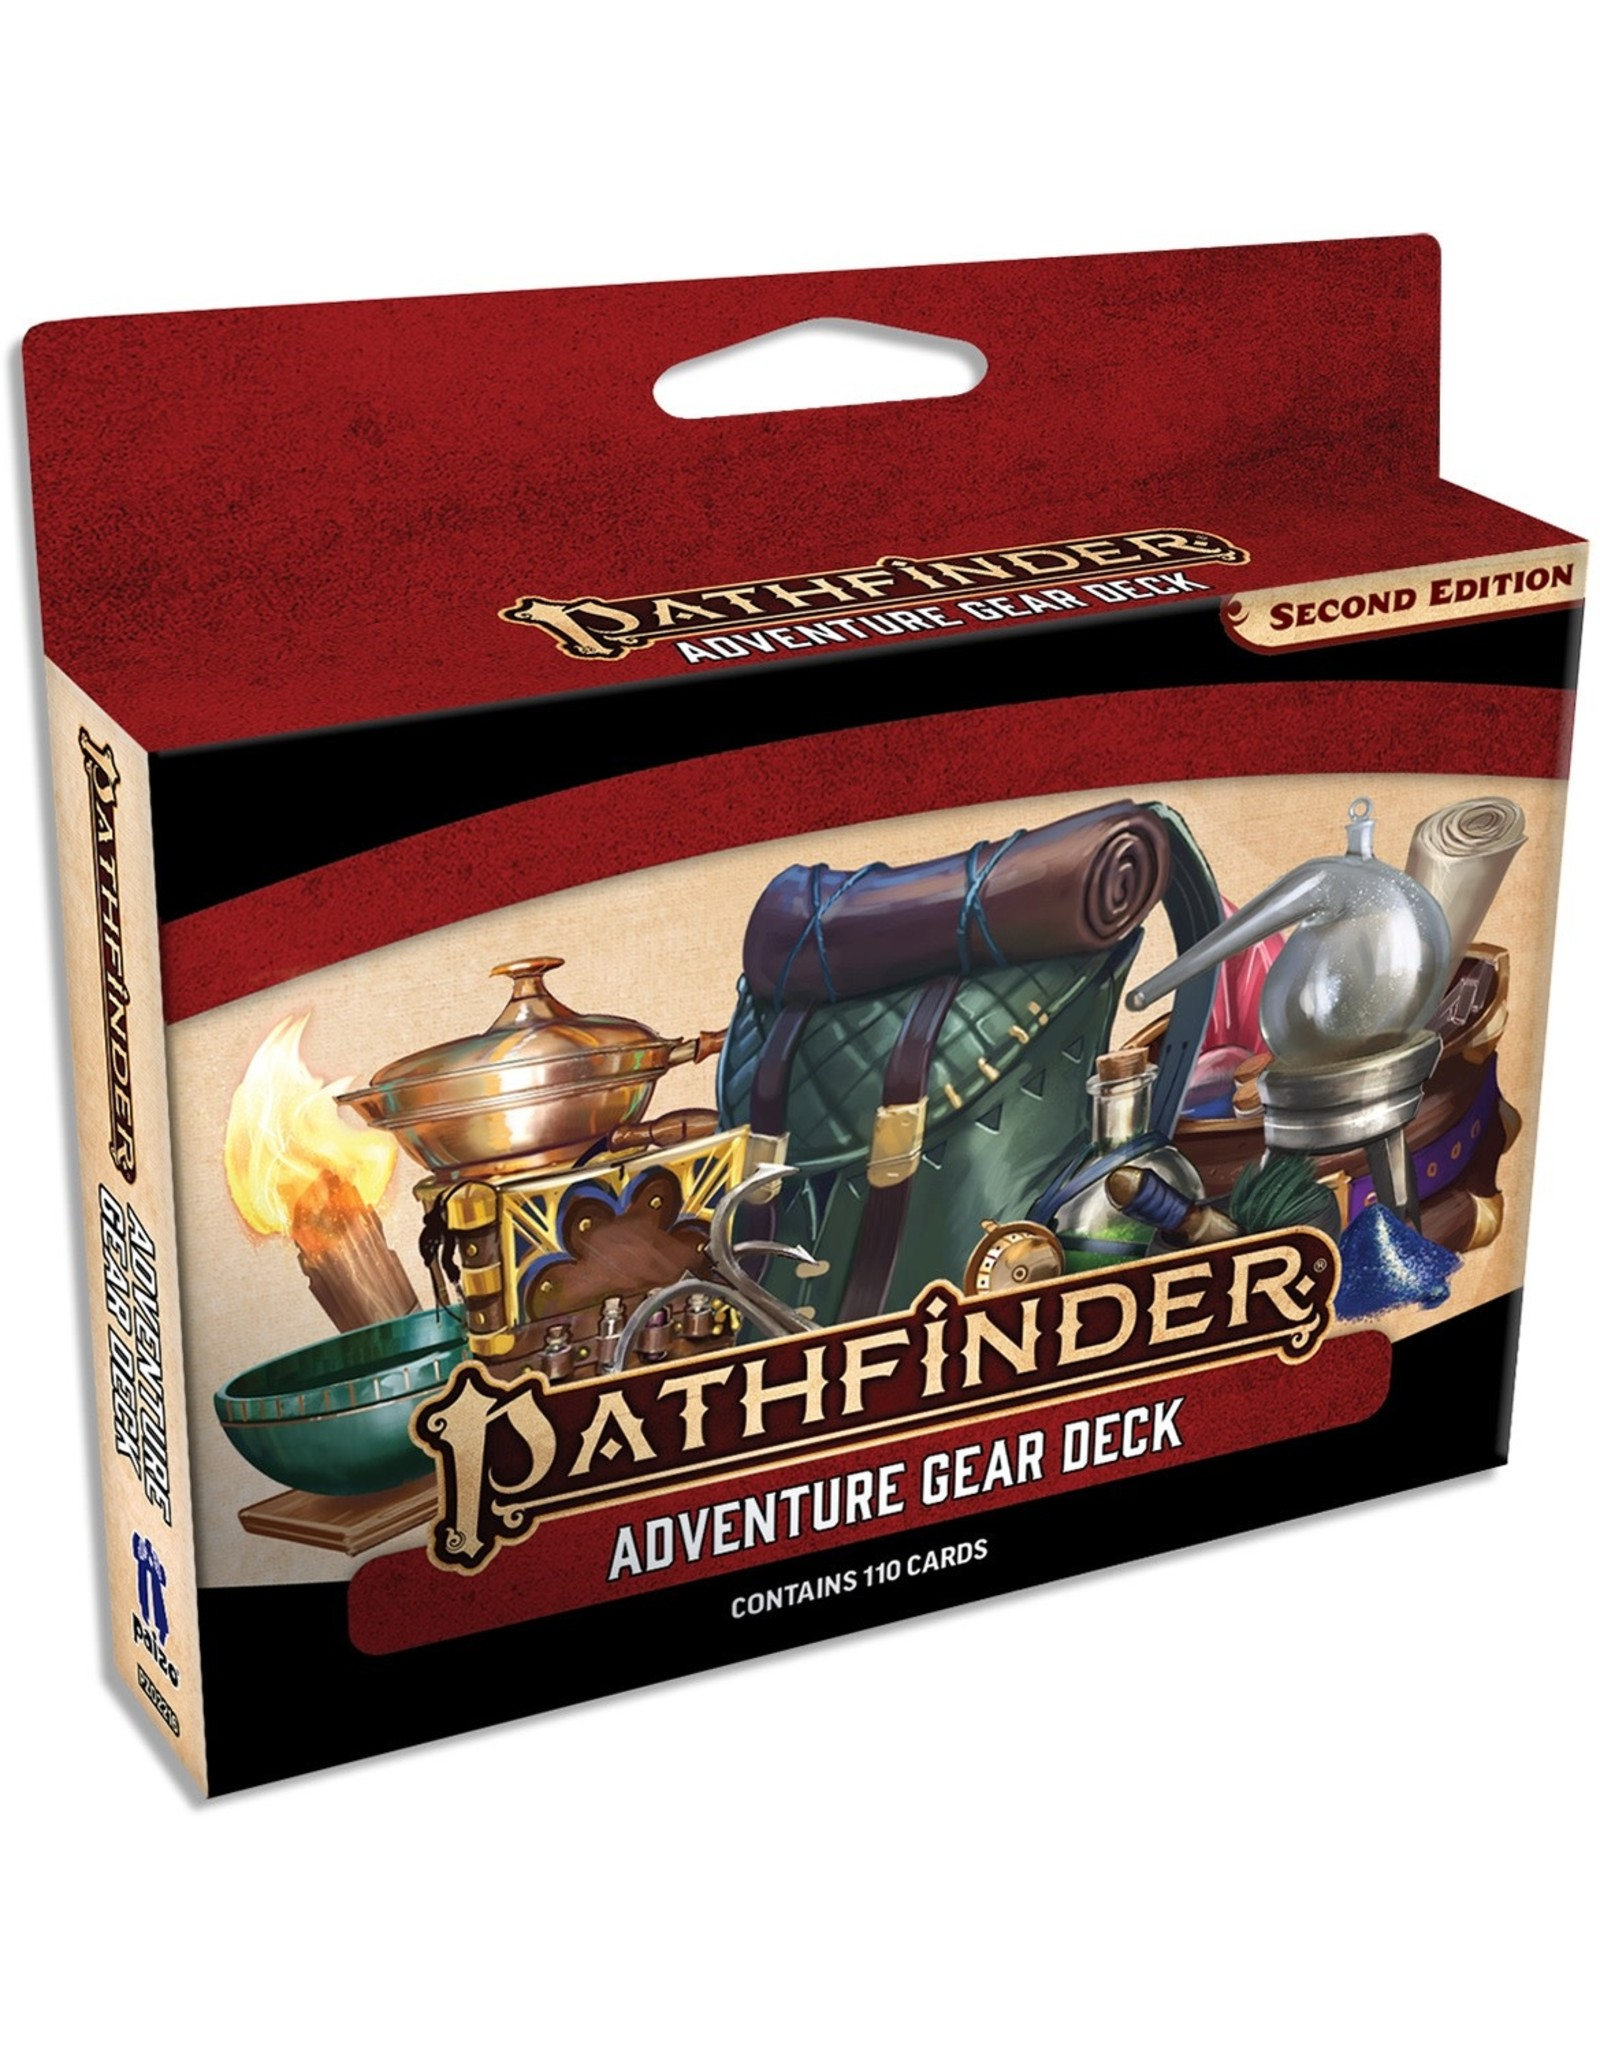 Paizo Pathfinder 2E - Adventure Gear Deck